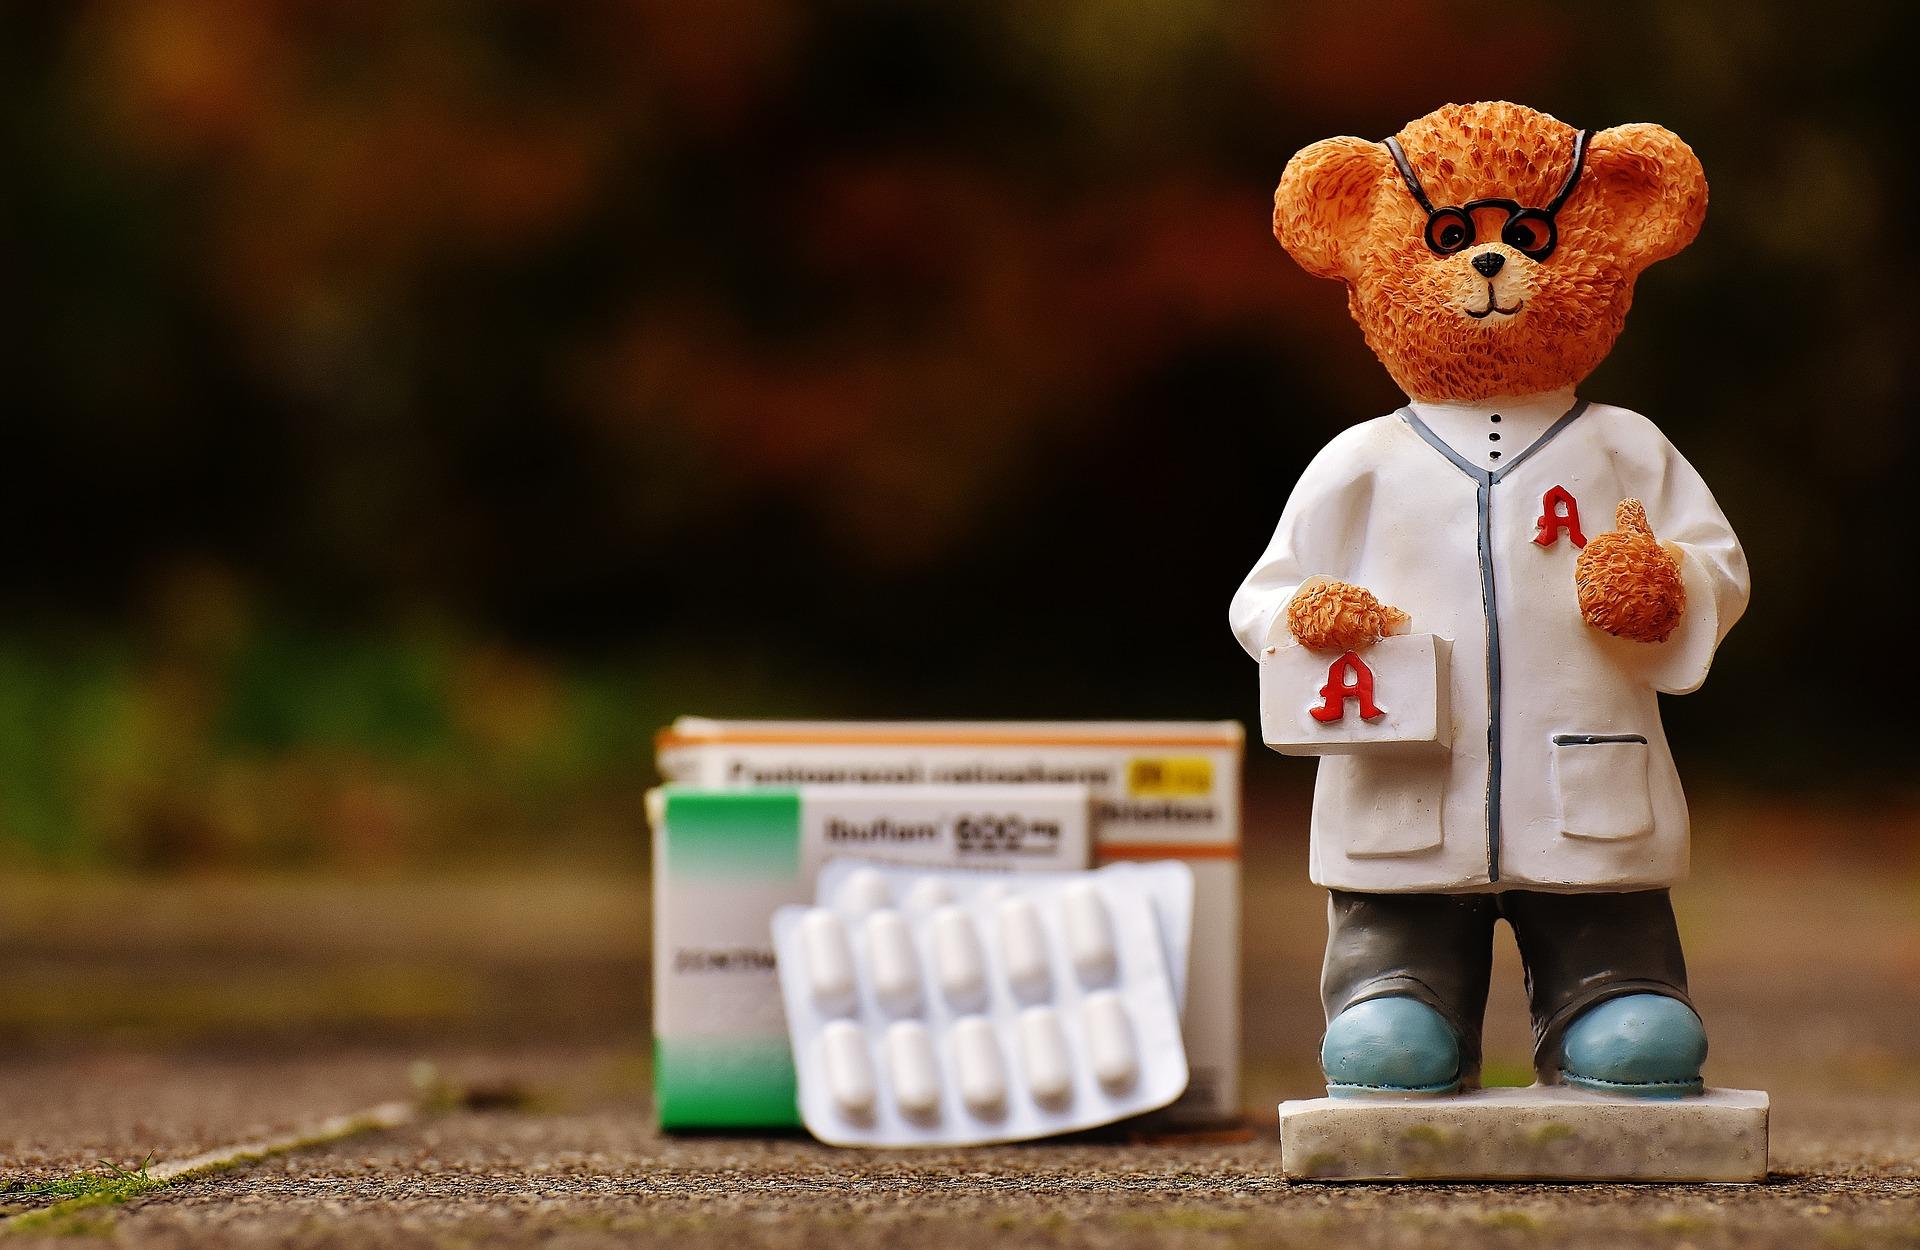 Avantages du plan d'epargne retraite pour pharmaciens vs contrat madelin